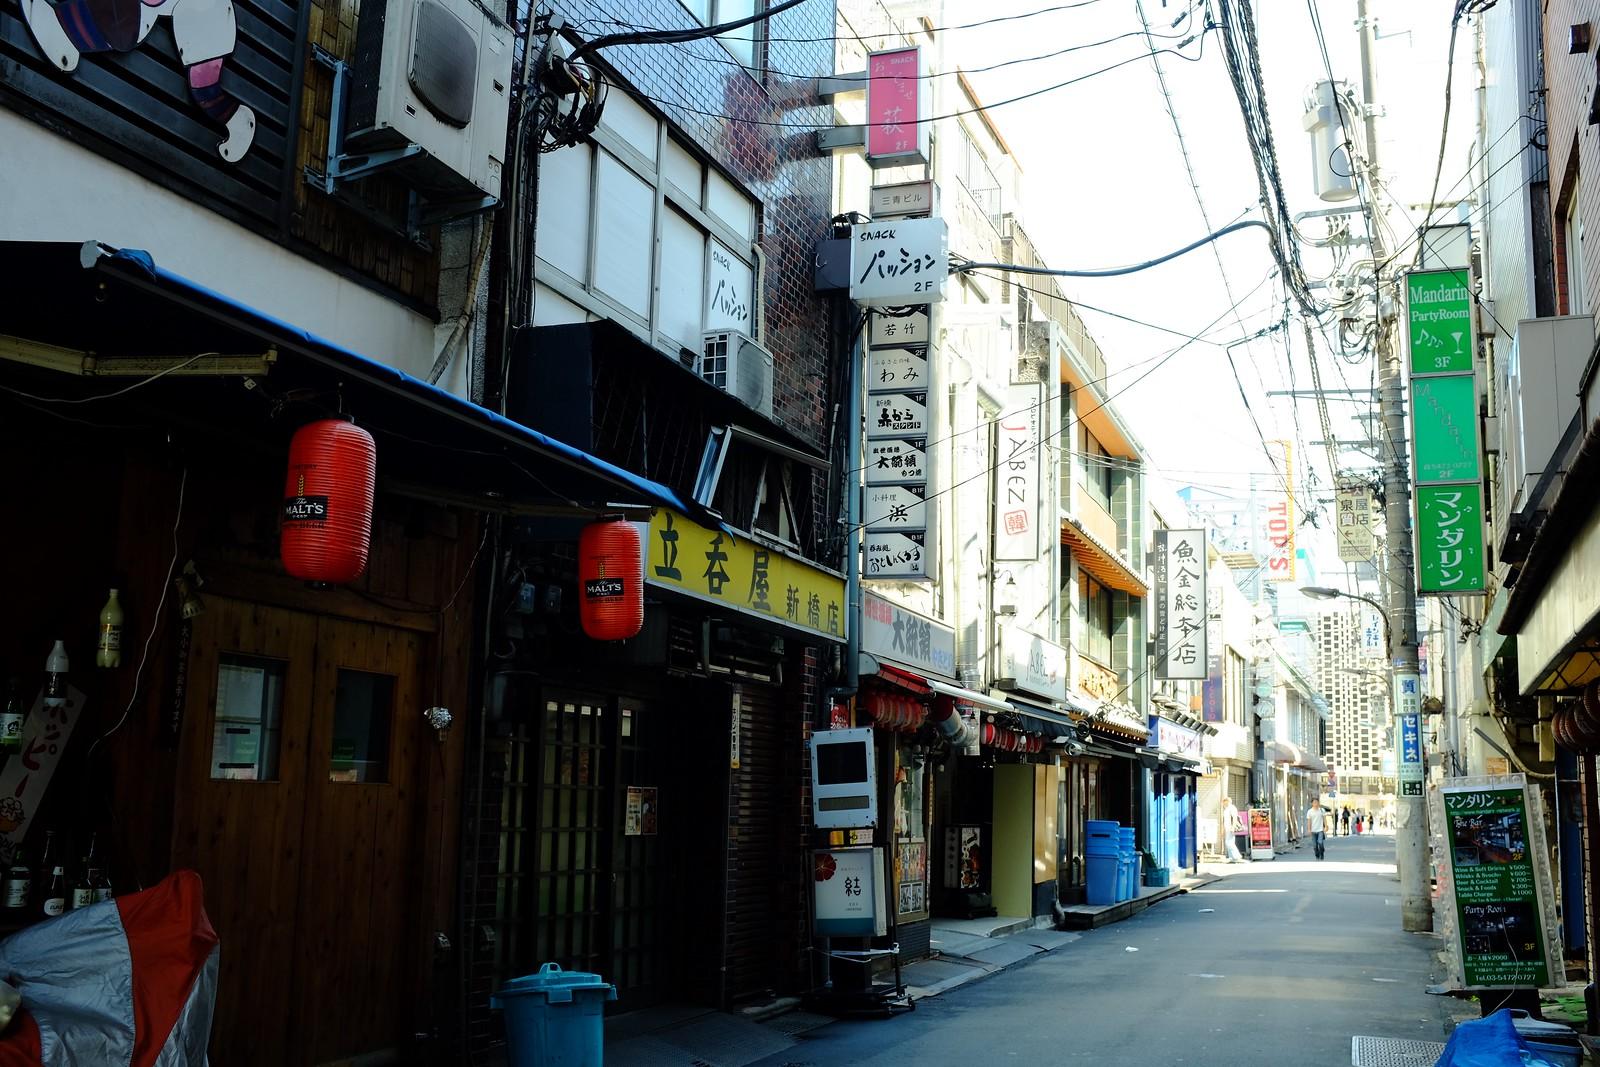 The Shinbashi in Tokyo, Japan.